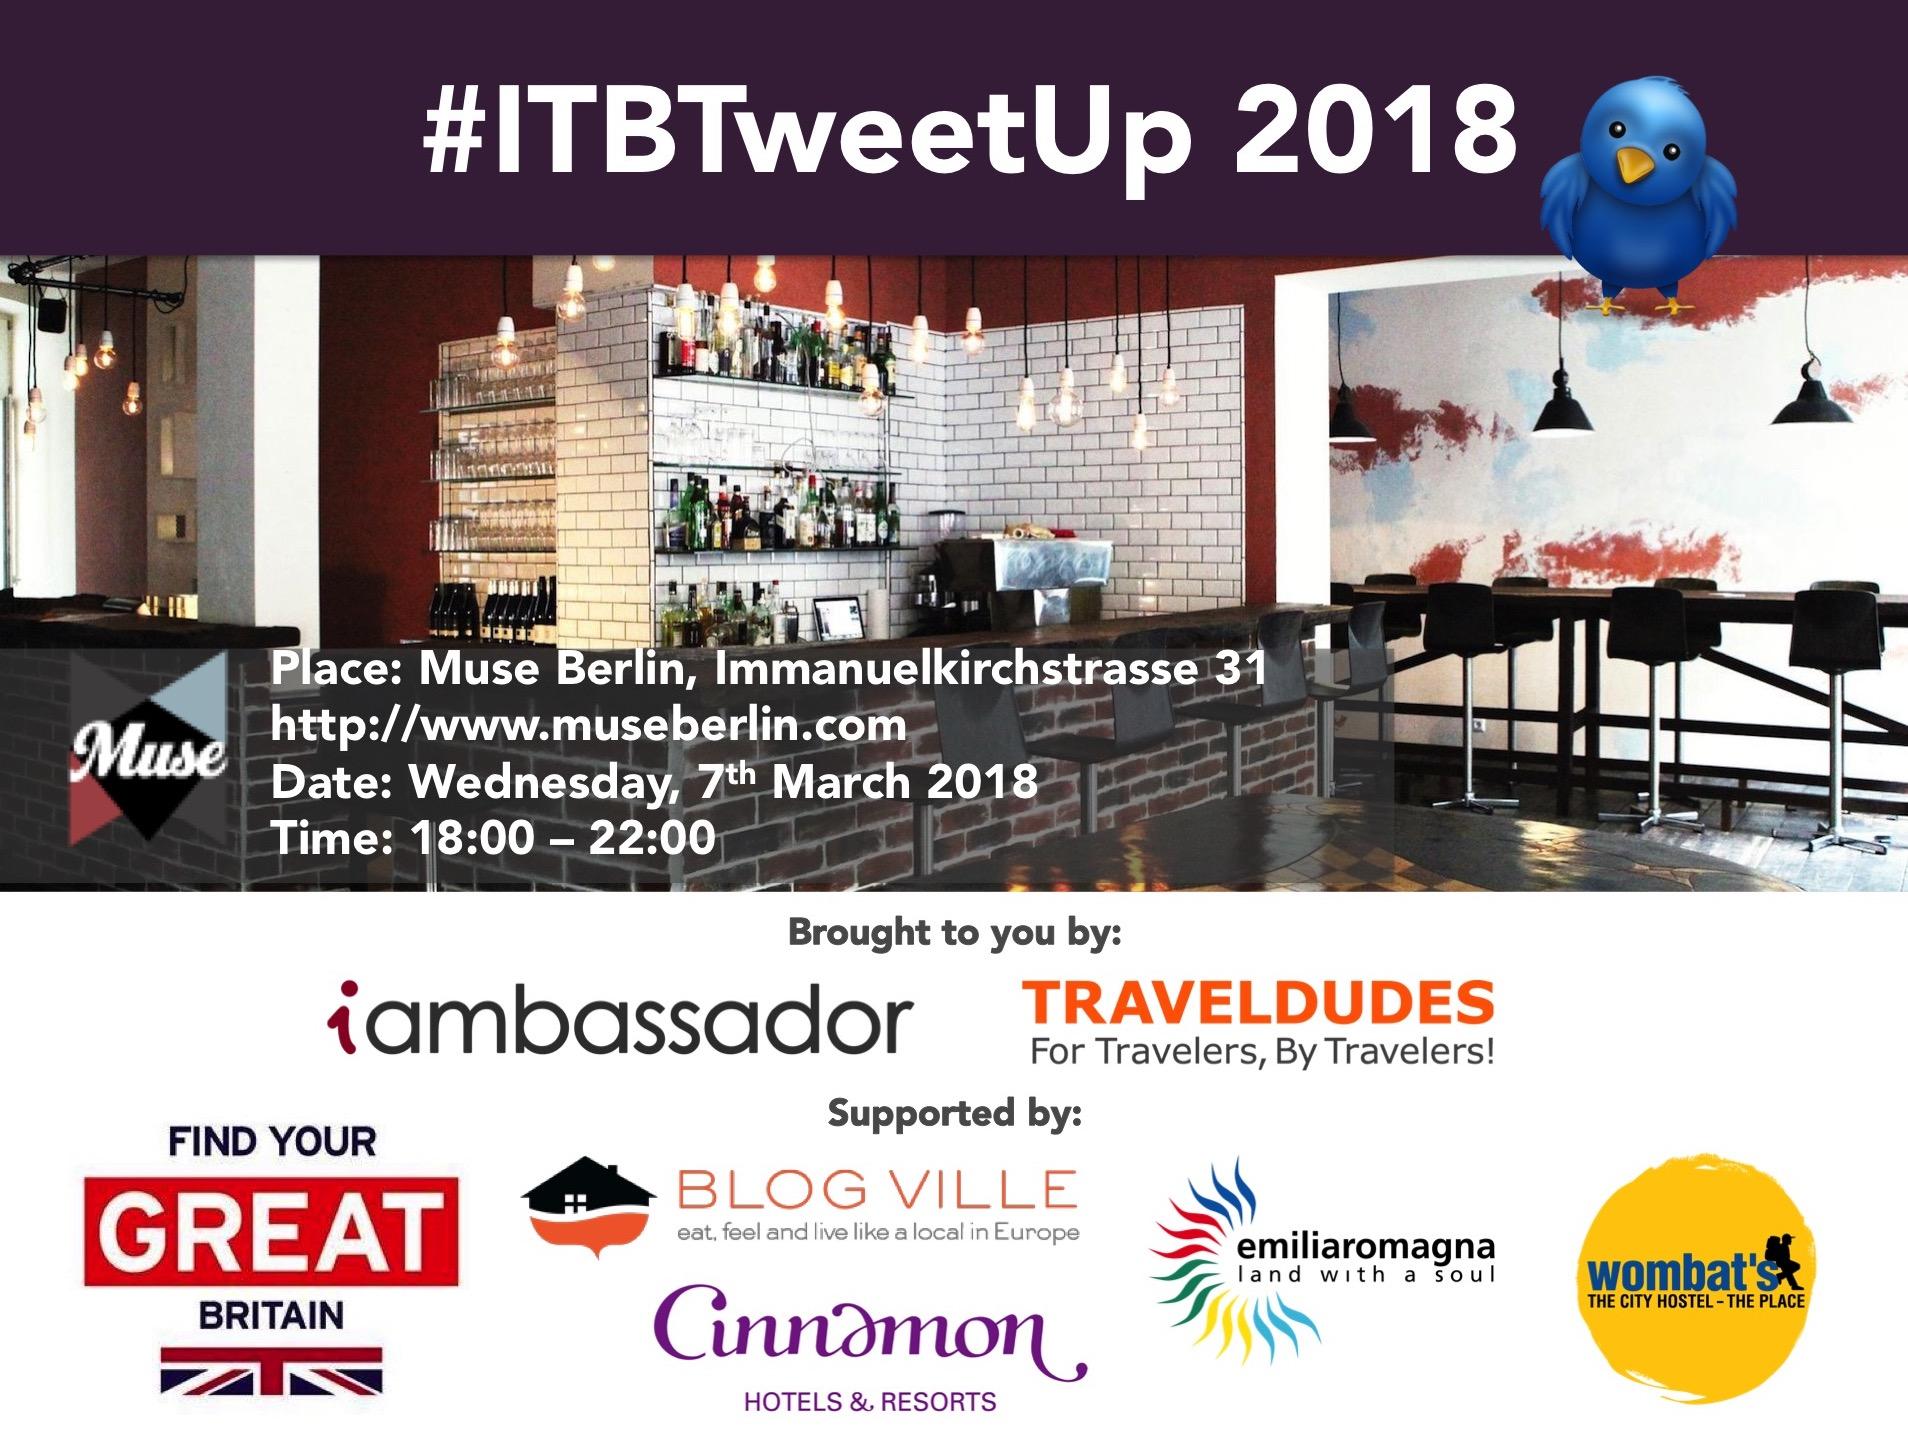 ITB Tweet-up 2018 logo